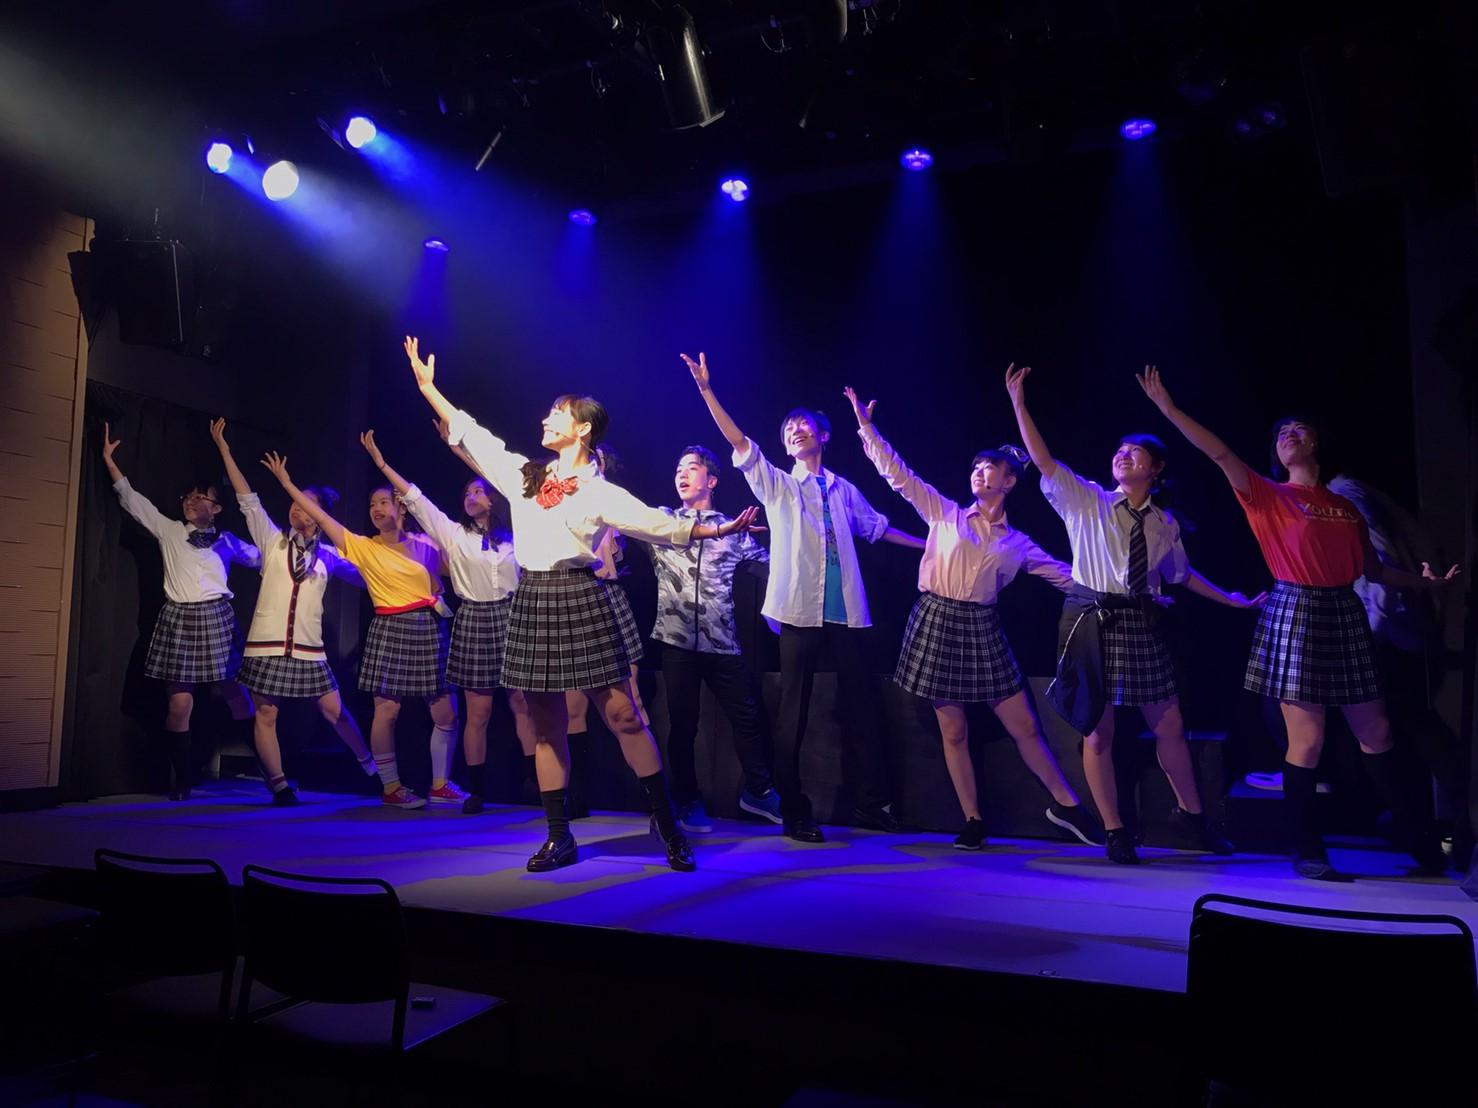 エムピンクのメンバーが踊っている写真